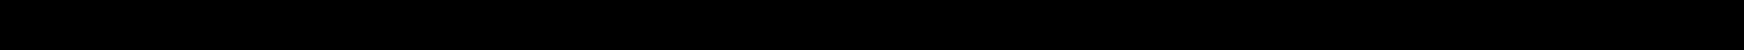 katsoulidis-regularitalic-webfont.ttf